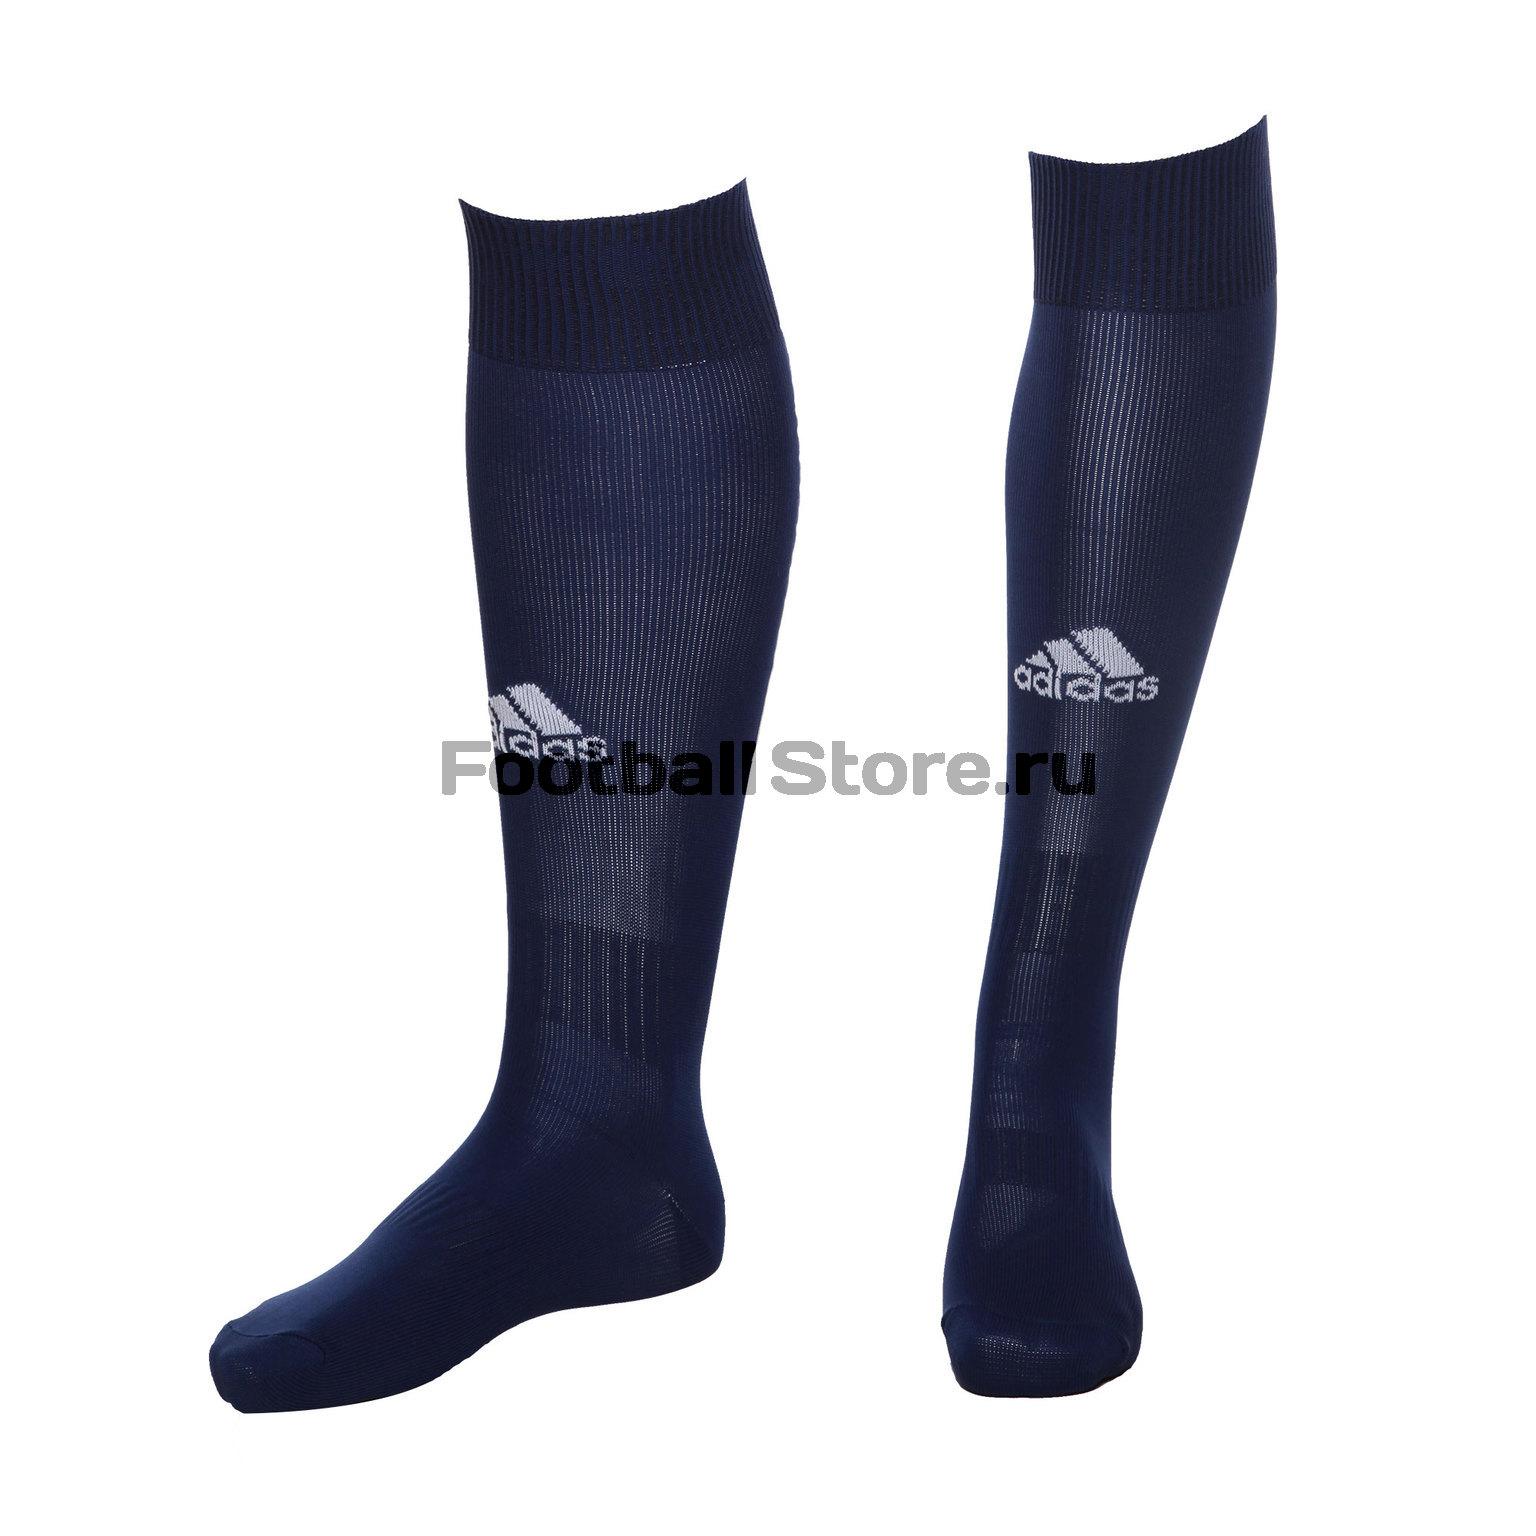 Гетры Adidas Santos Sock 18 CV8097 гетры футбольные adidas santos sock 18 цвет красный cv8096 размер 40 42